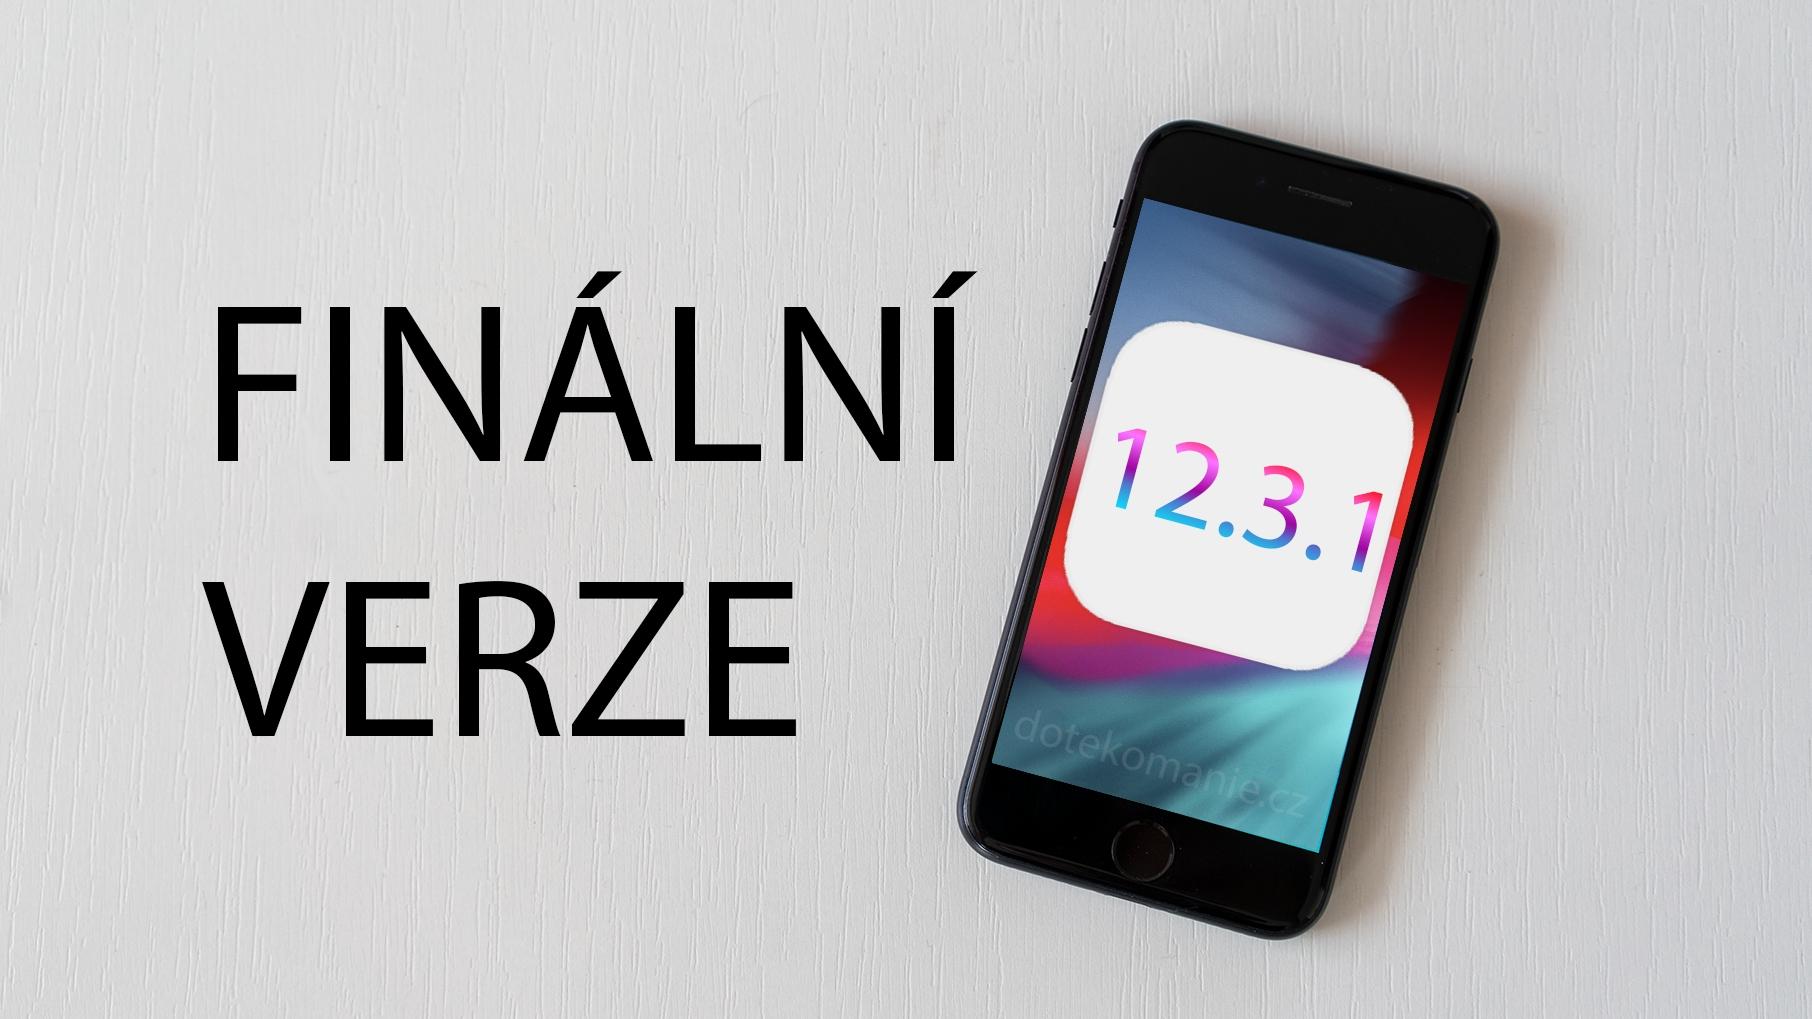 Apple právě vydal iOS 12.3.1, opravuje problémy s VoLTE a iMessage